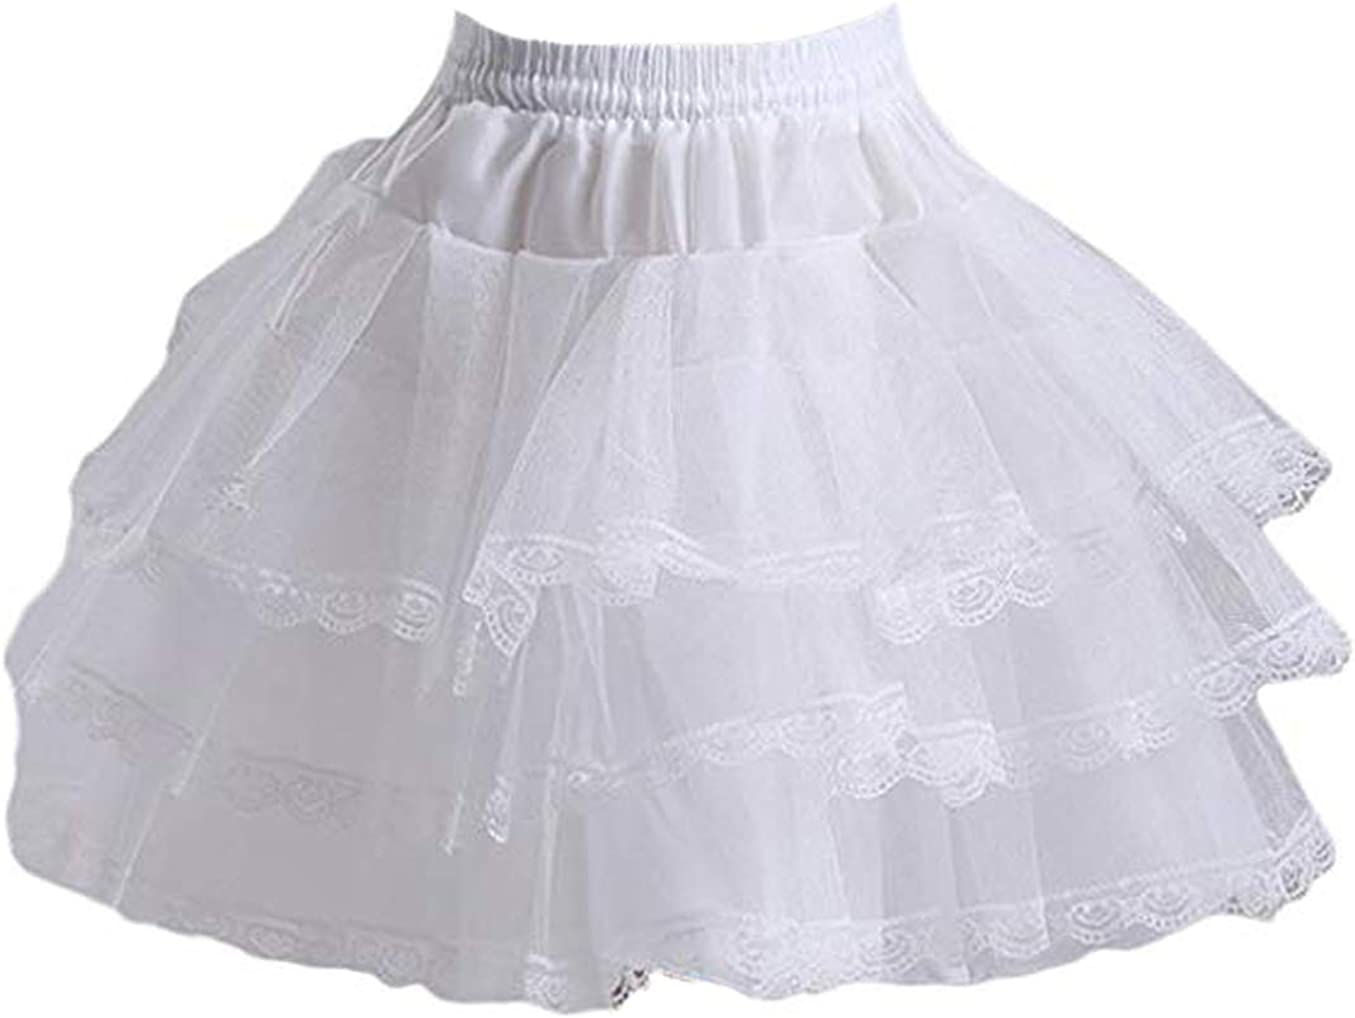 ZoyHouse 3 Layers Girls Slip Flower Girl Petticoat Crinoline Hoopless Skirt Underskirt for Kids CQC2